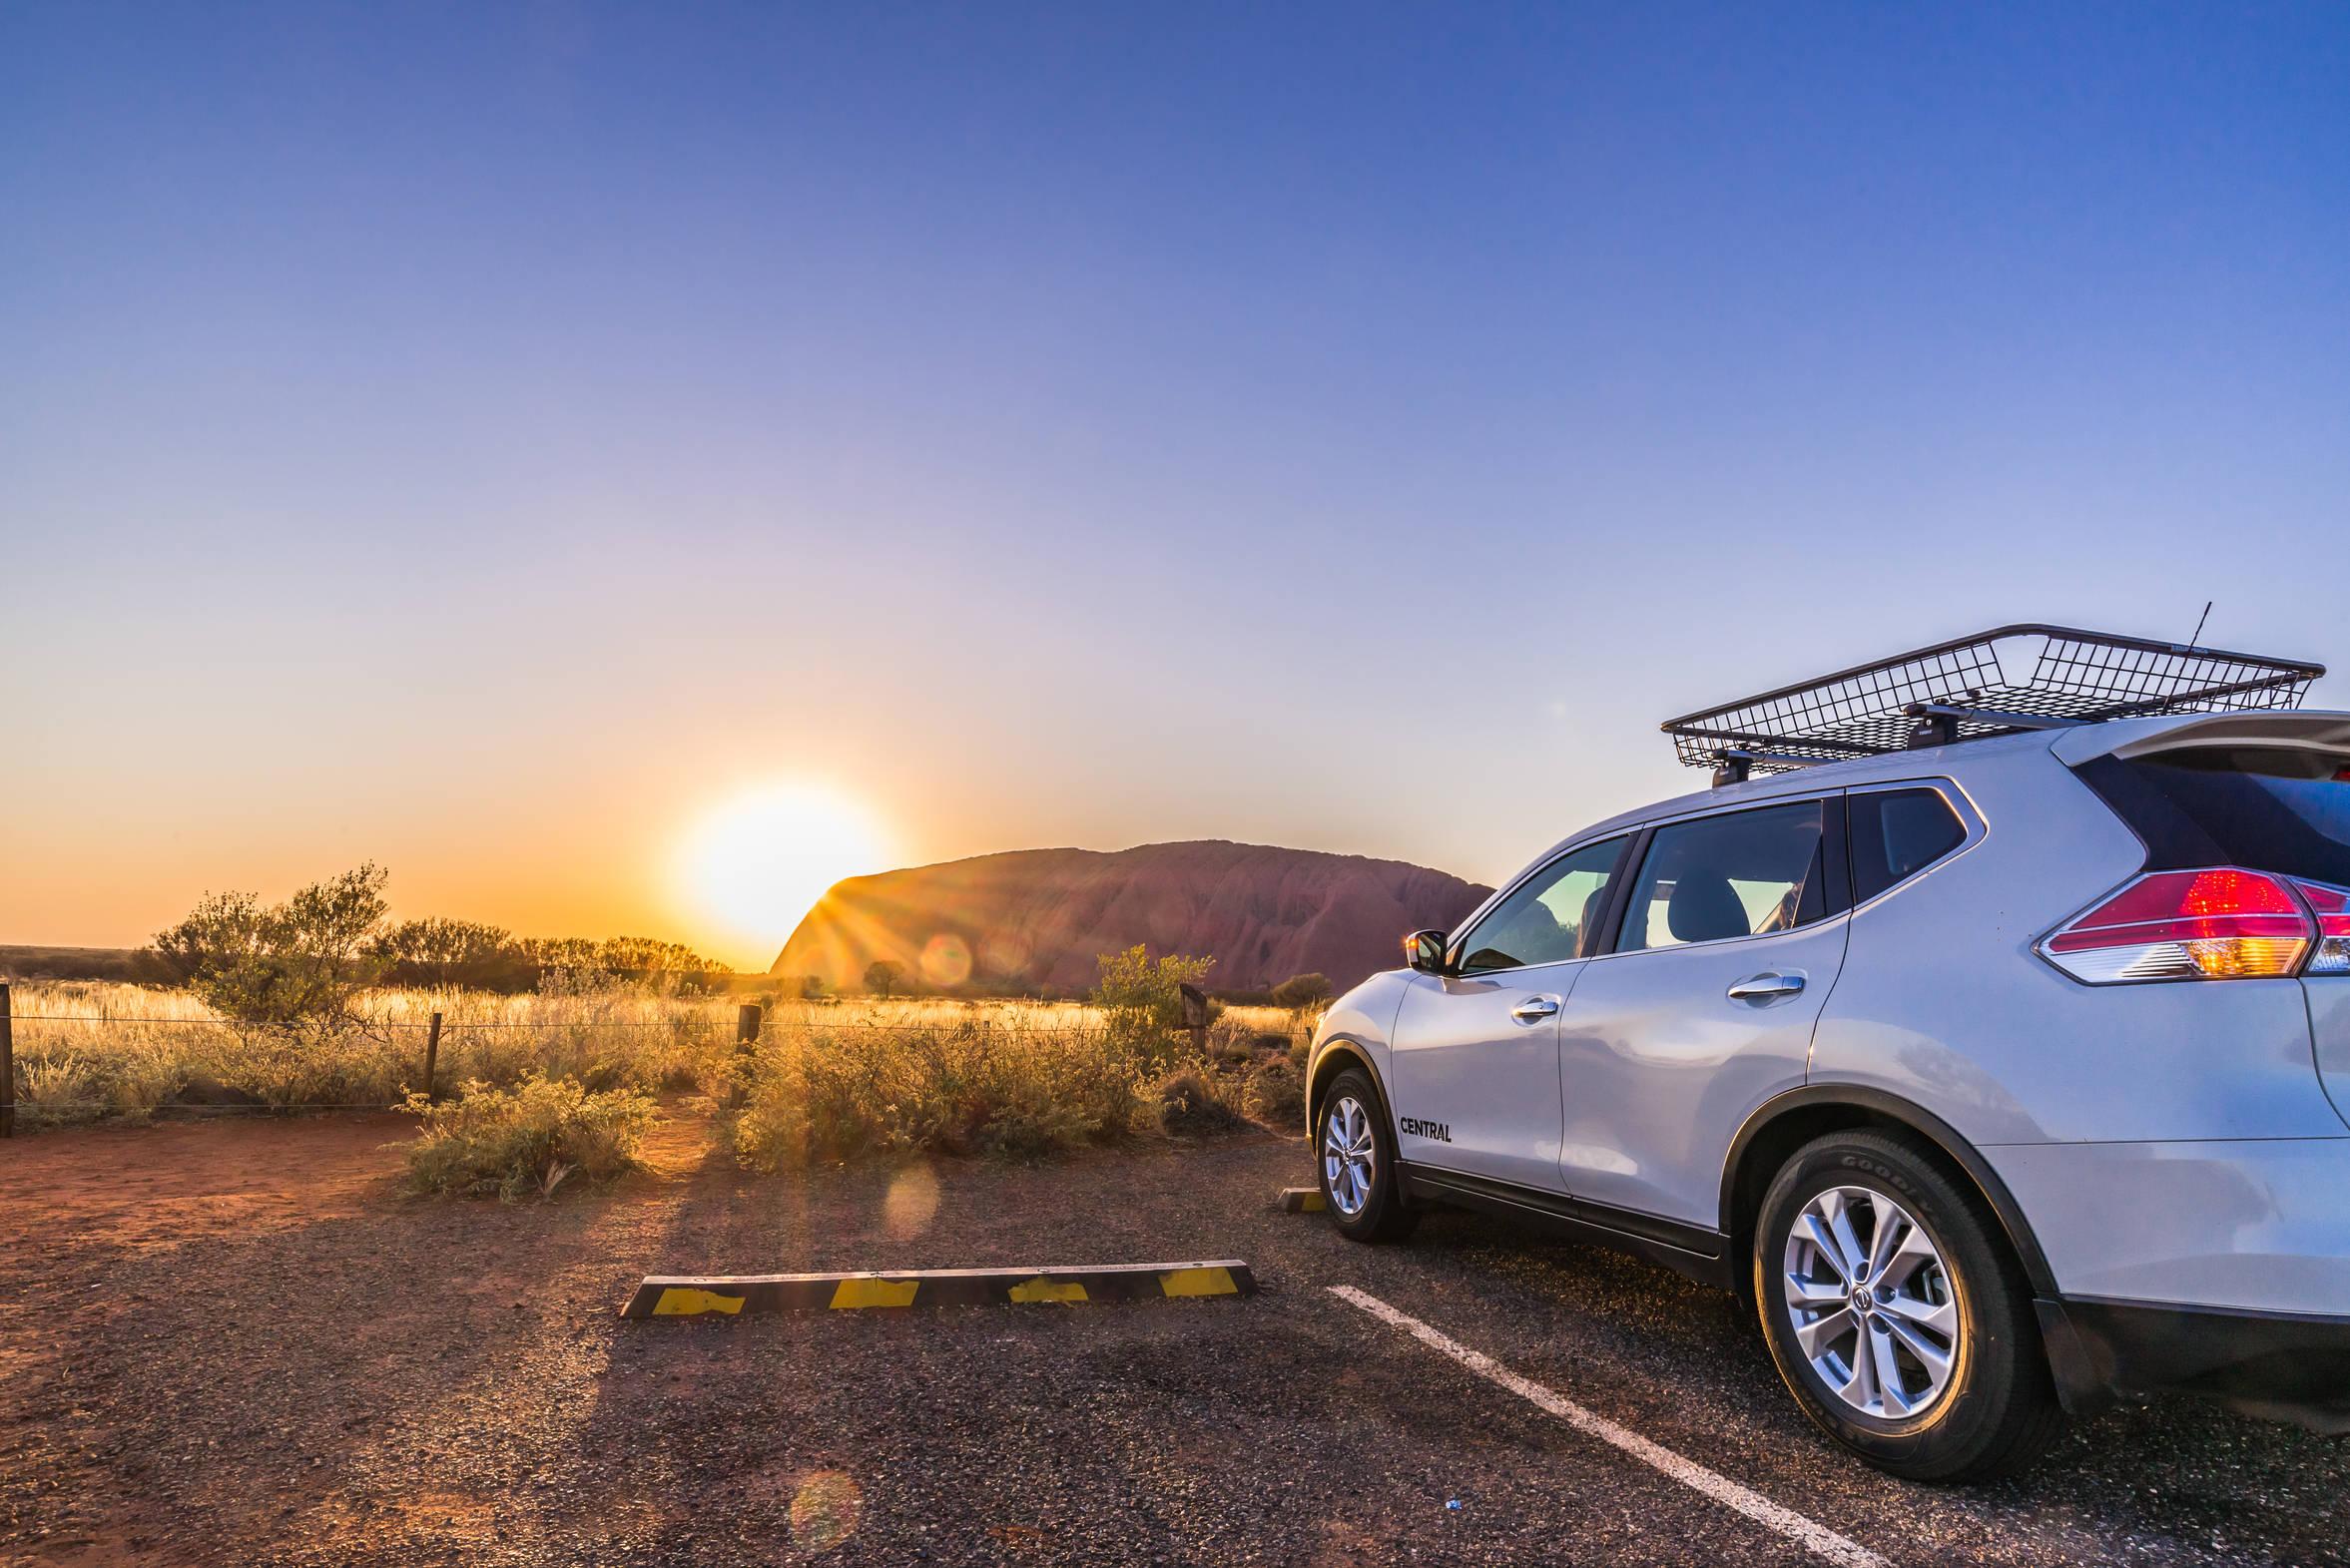 惠誉:2020年全球电动汽车销量增长超30%,消费者需求将逐步取代政策驱动